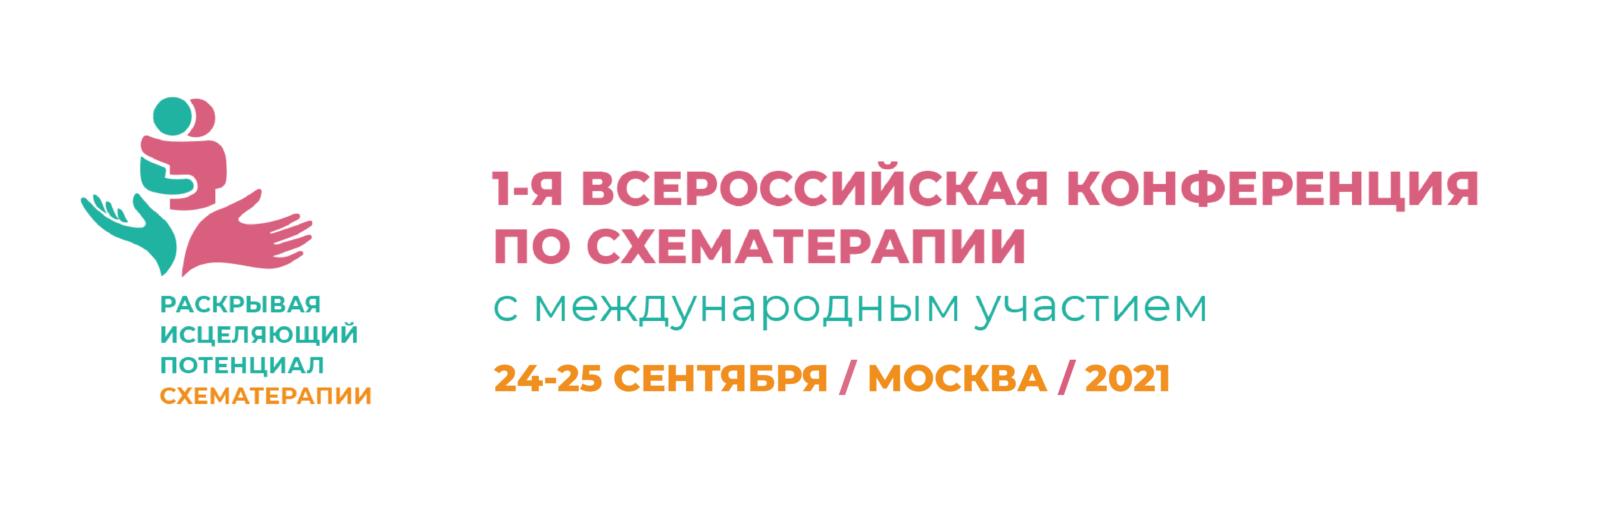 Первая Всероссийская конференция по Схематерапии с международным участием